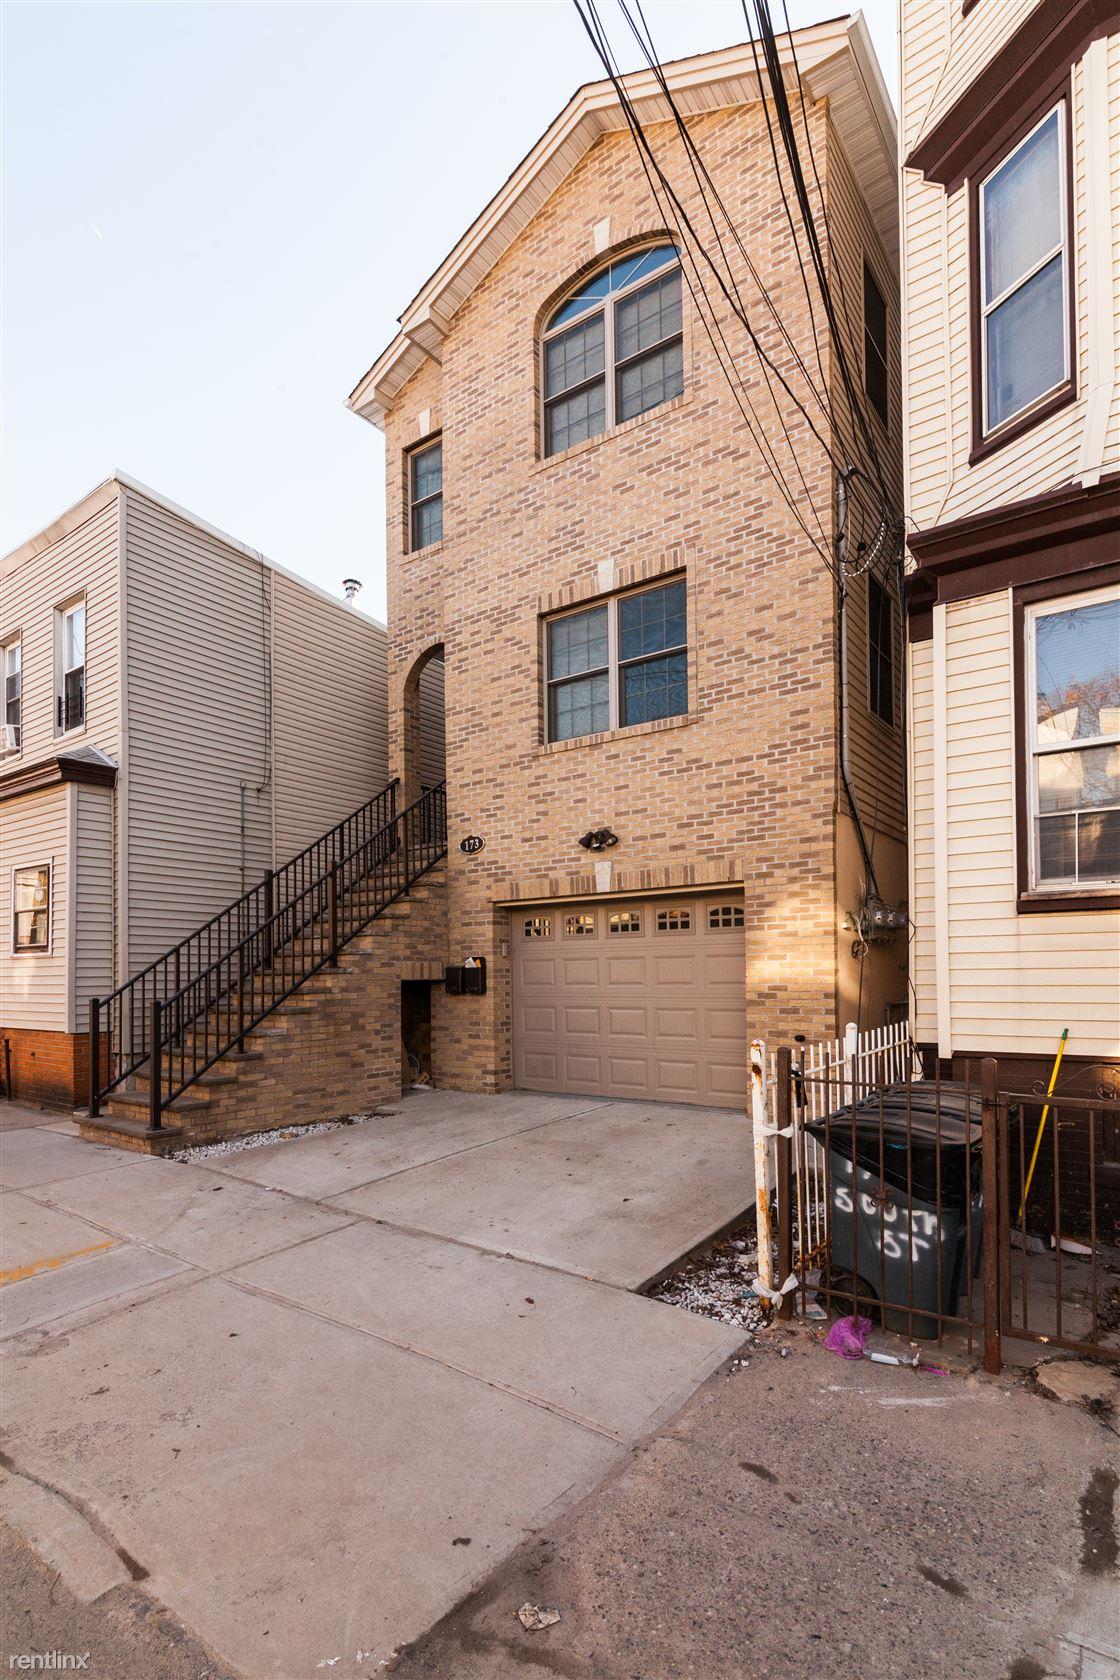 173 South St, Jersey City, NJ - $3,600